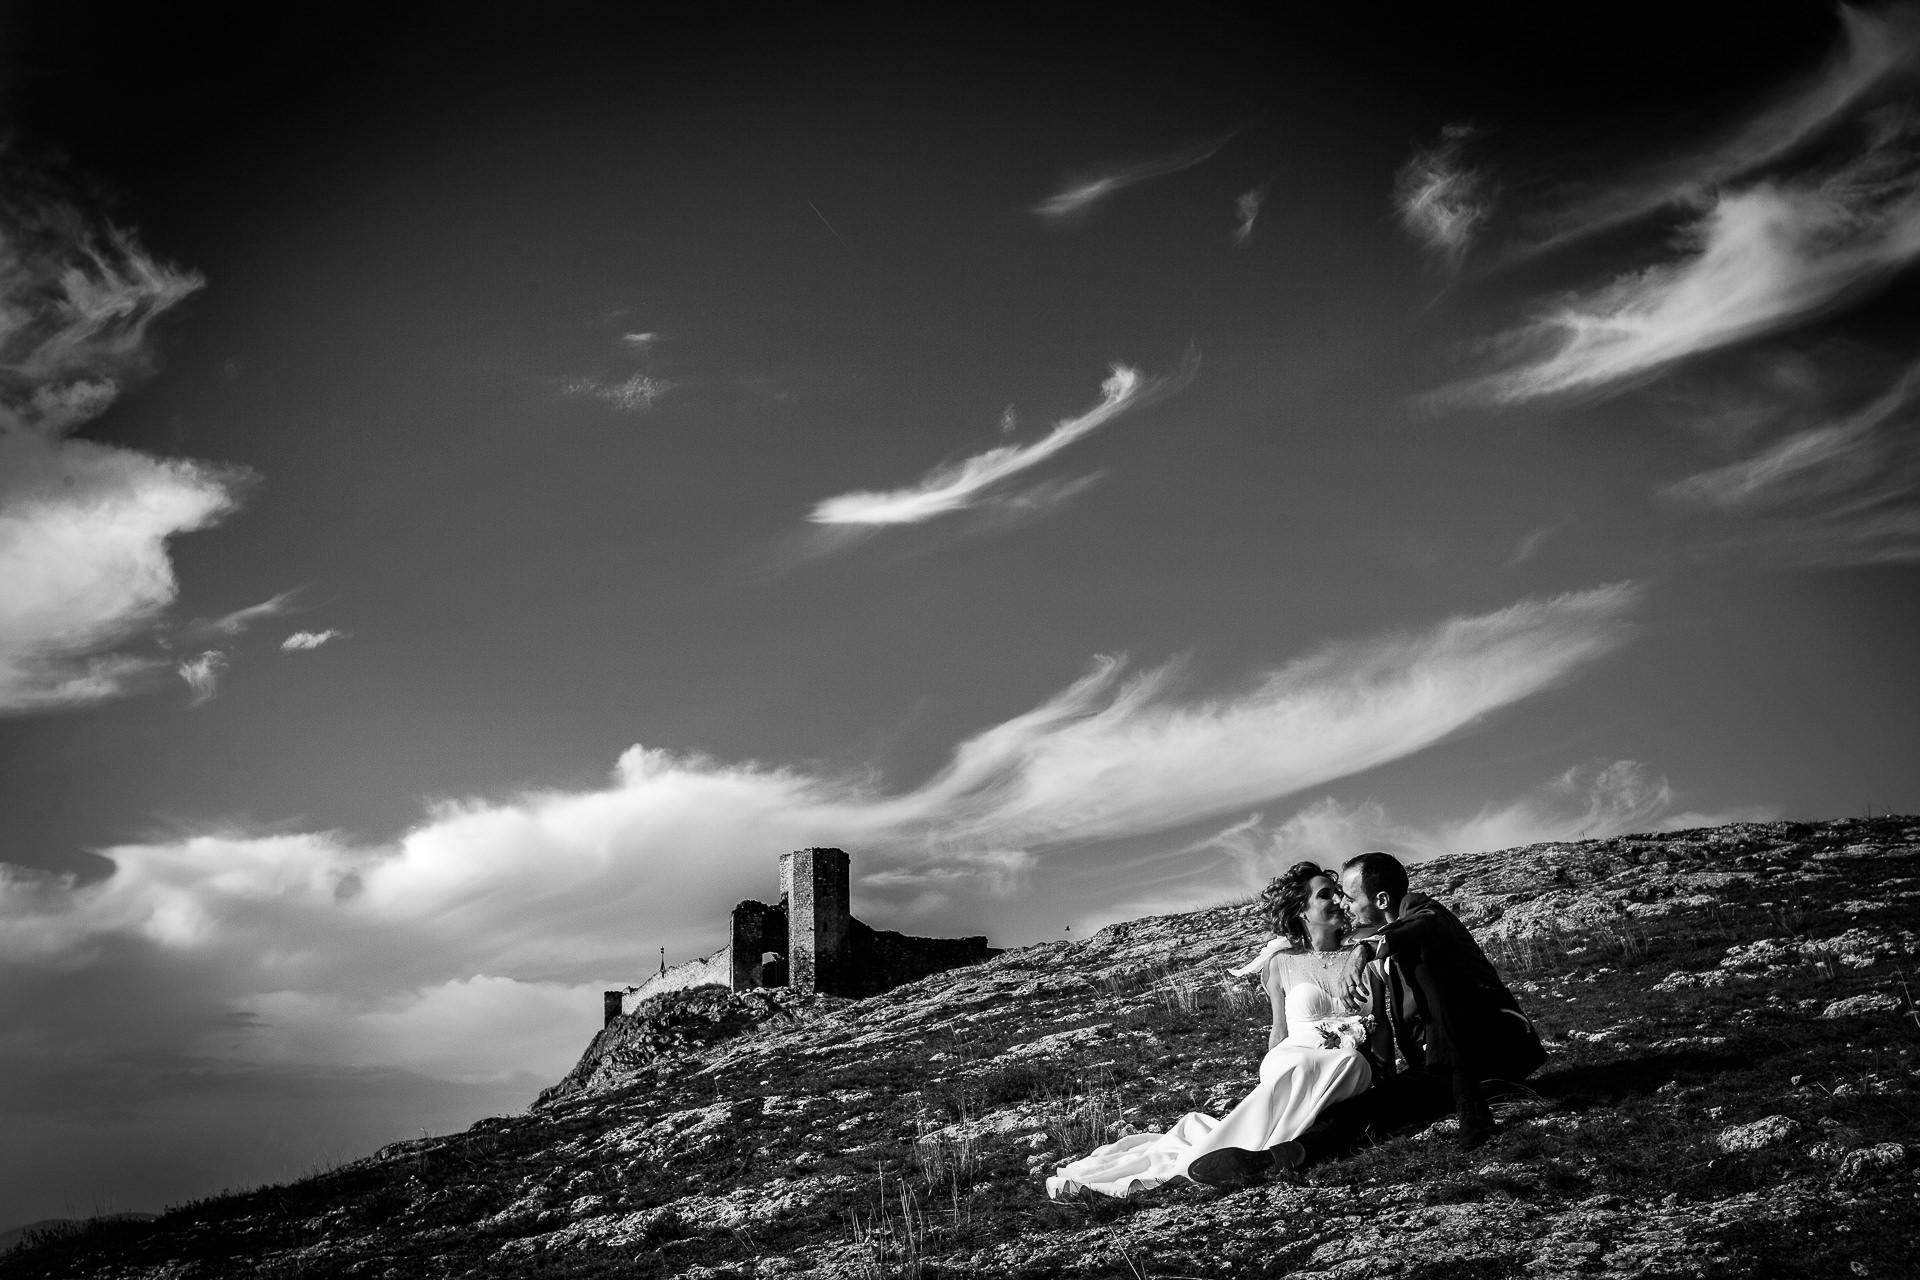 Şedinţă foto Trash The Dress - după nuntă la Cetatea Enisala, Tulcea - România - cu Mihaela şi Octavian - Mihai Zaharia Photography - 03